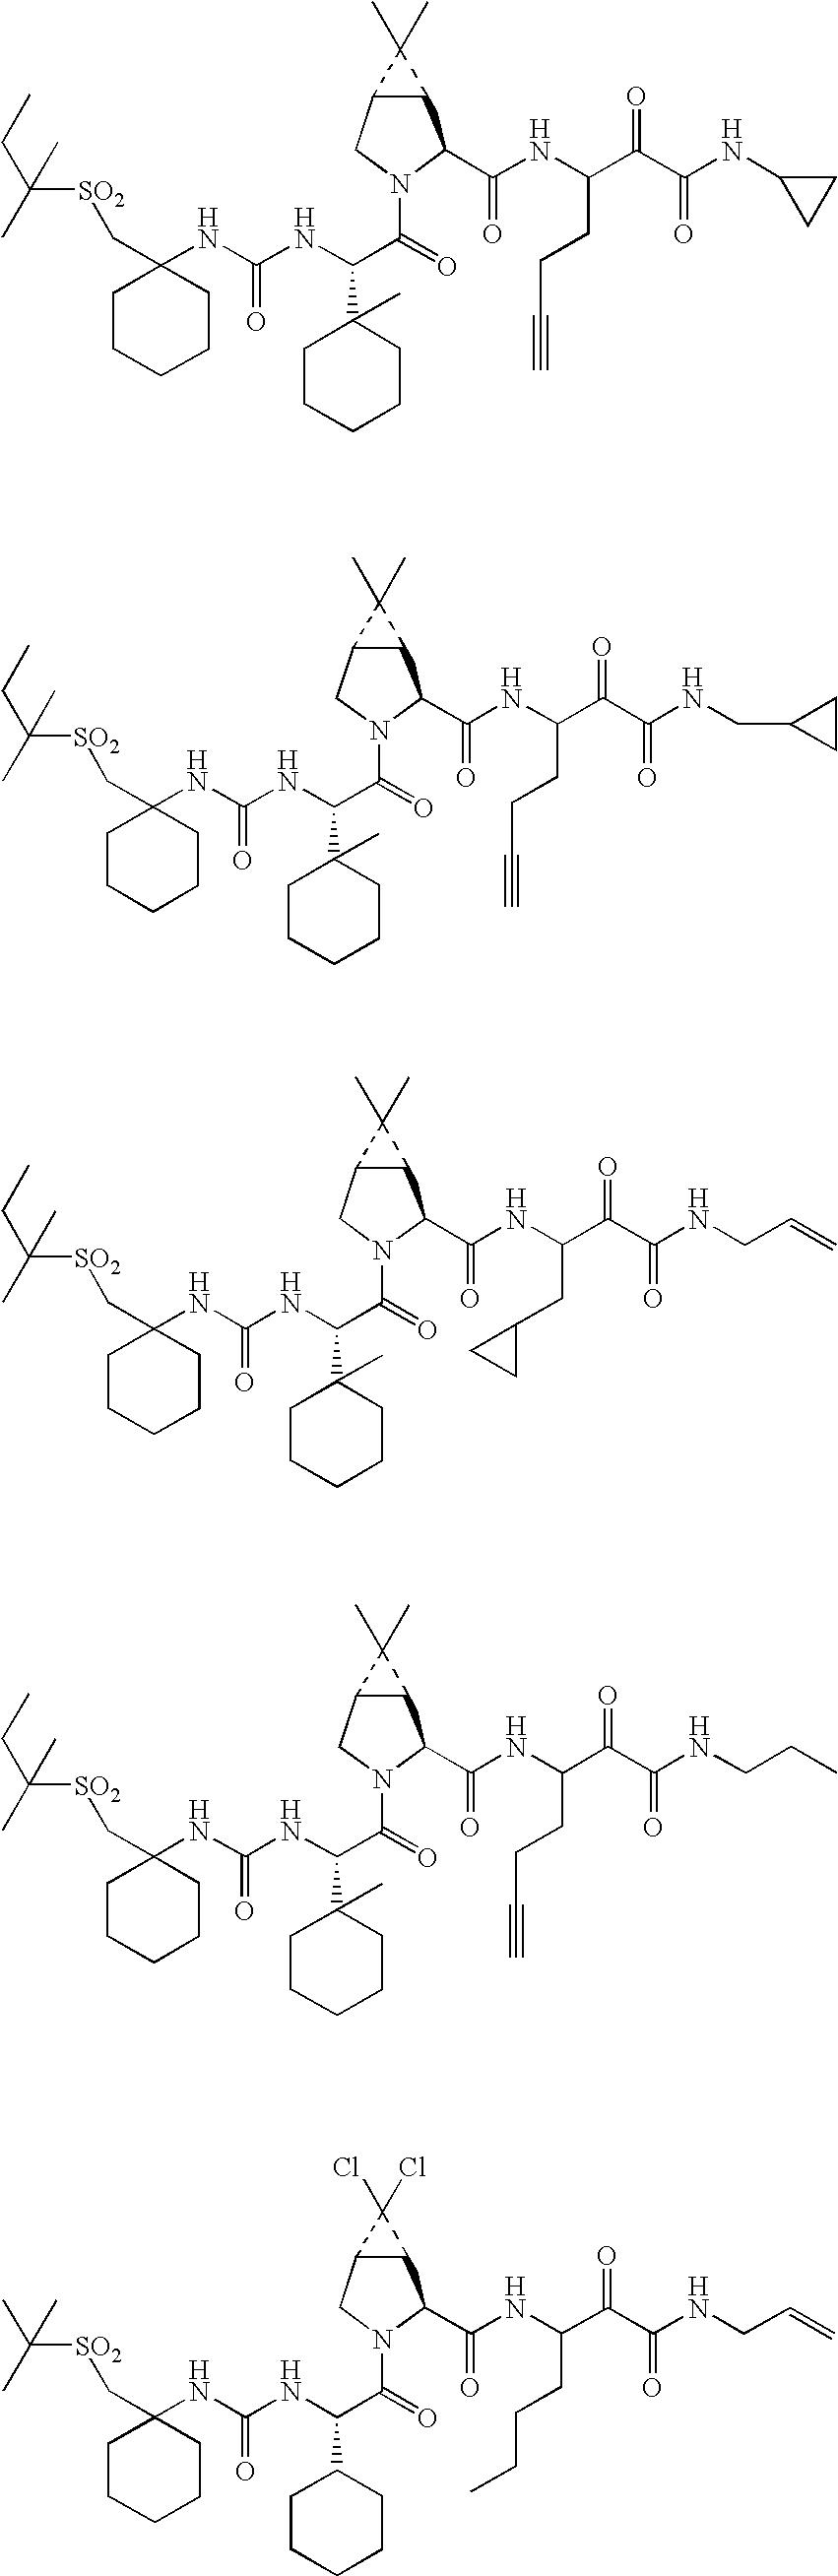 Figure US20060287248A1-20061221-C00471